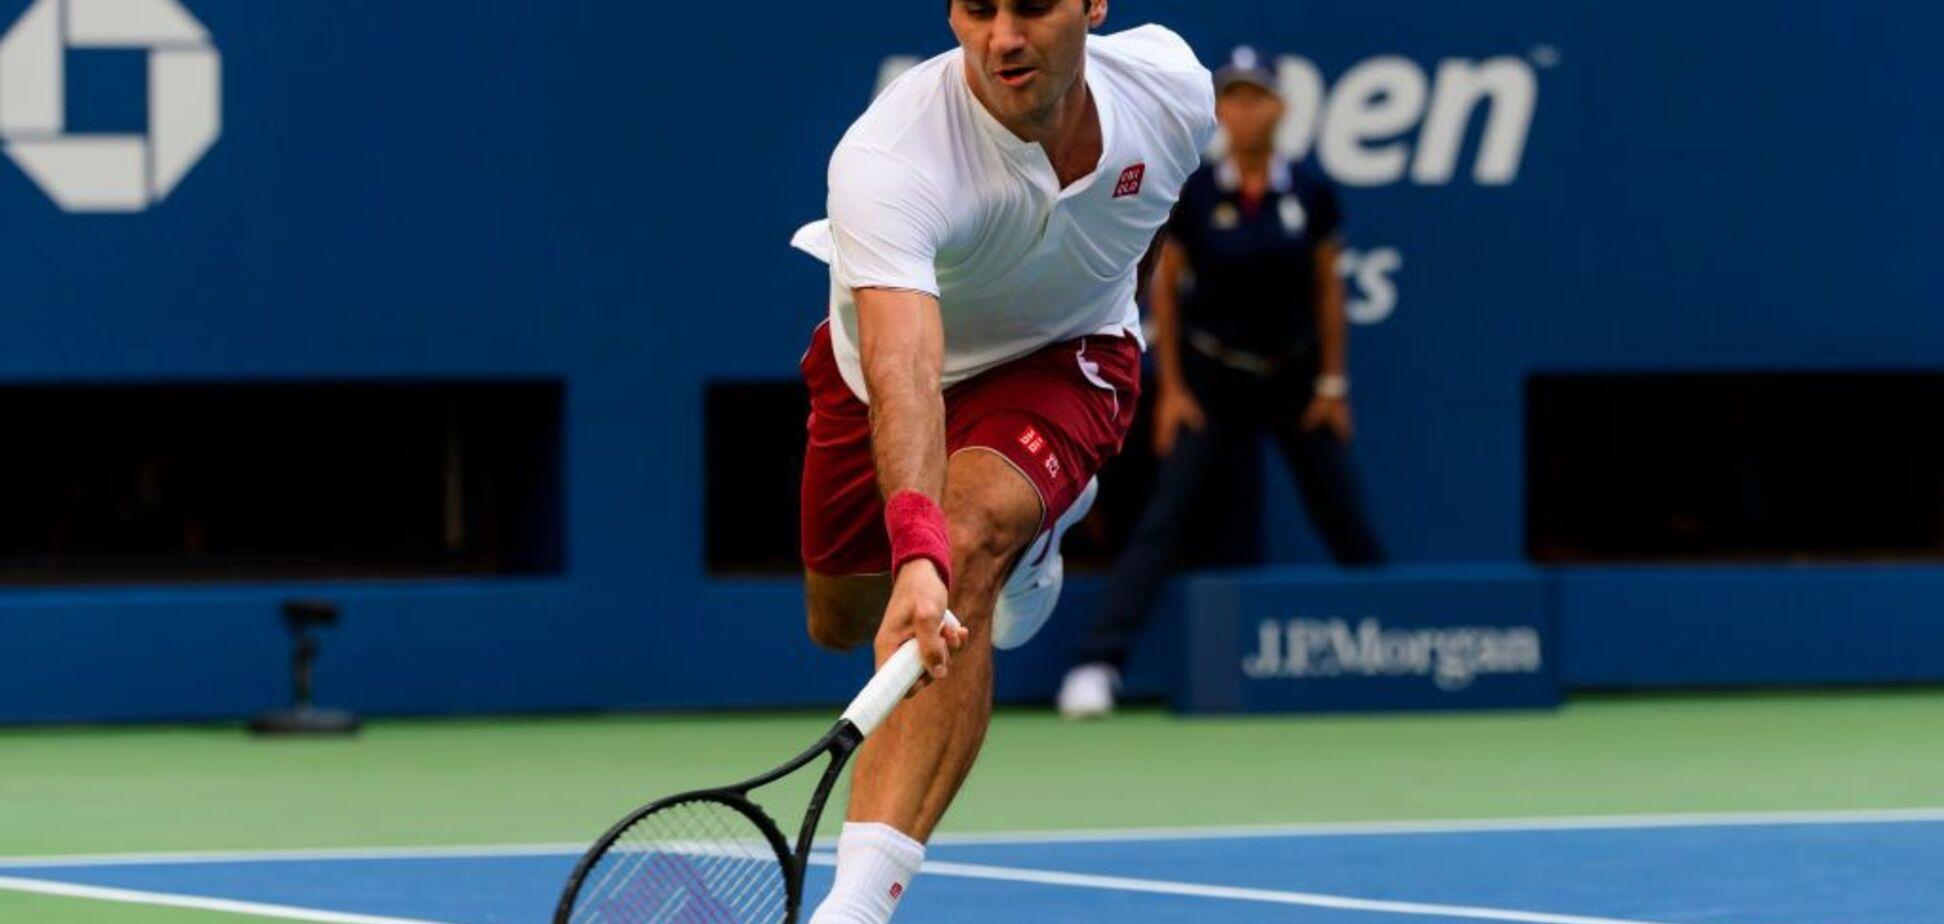 Шок и истерика: легендарный Федерер исполнил самый чумовой удар US Open - опубликовано видео шедевра